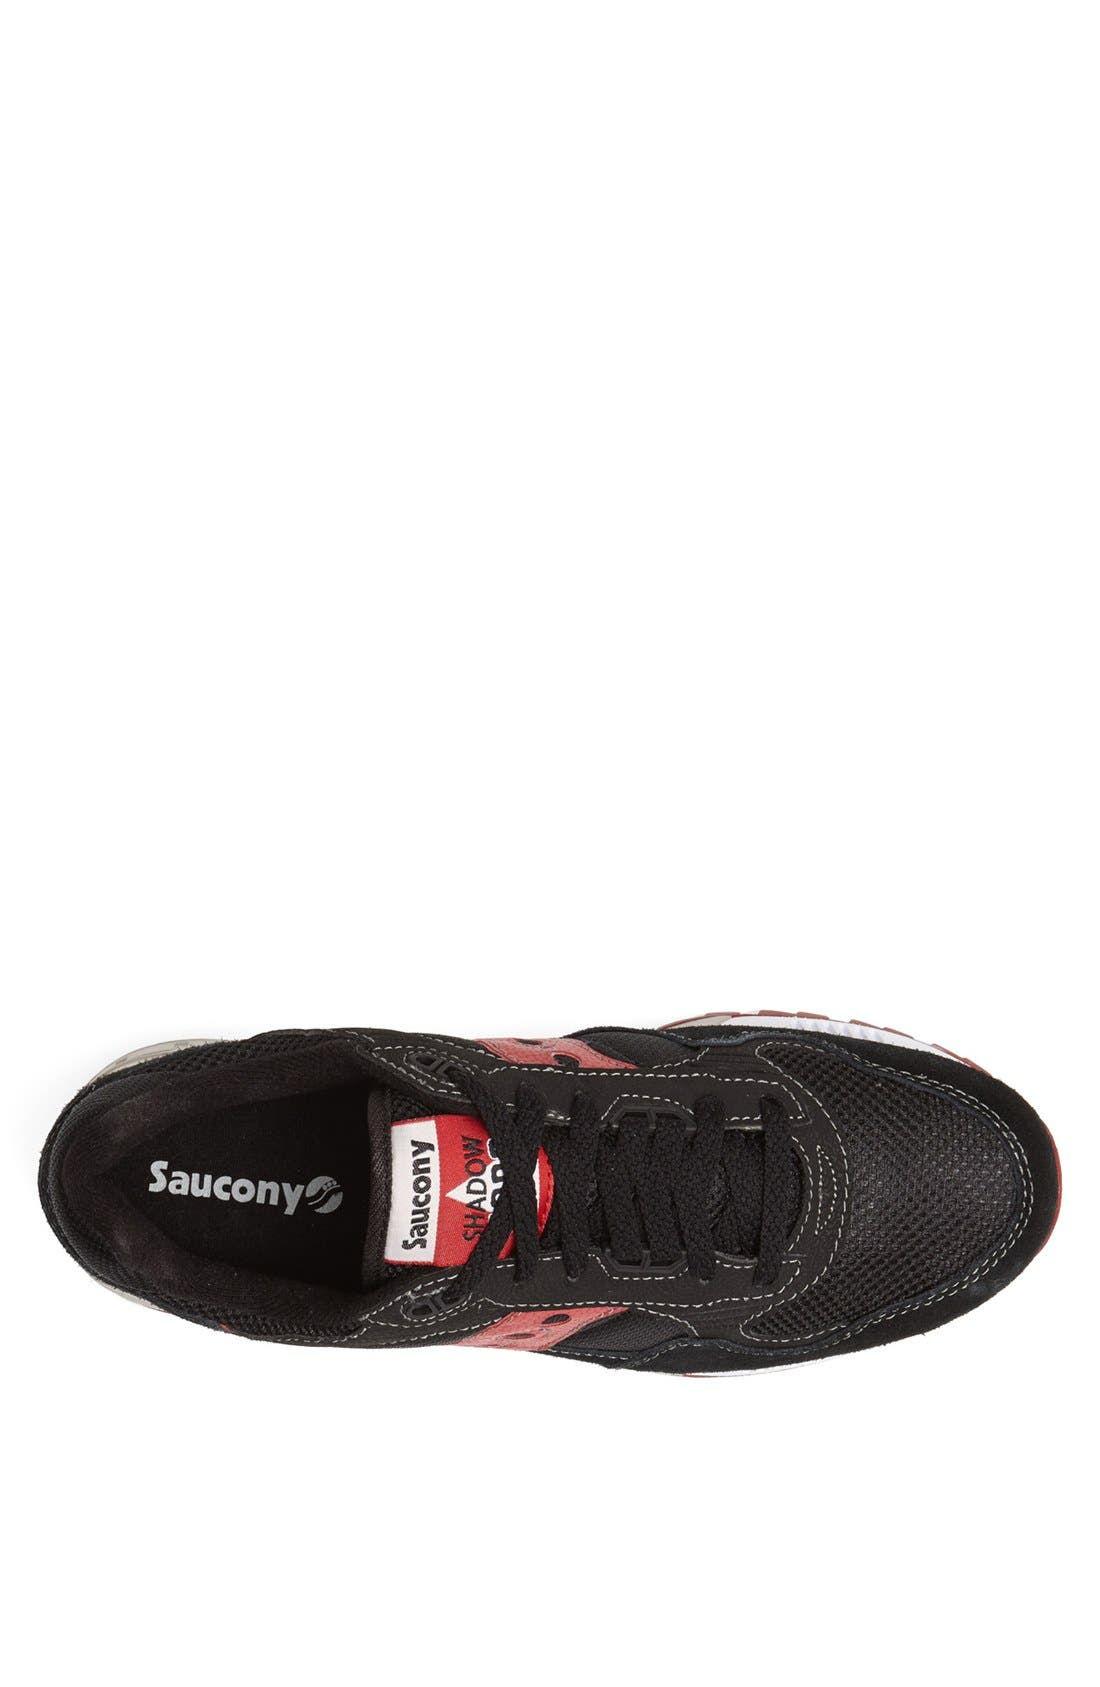 Alternate Image 3  - Saucony 'Shadow 5000' Sneaker (Men)